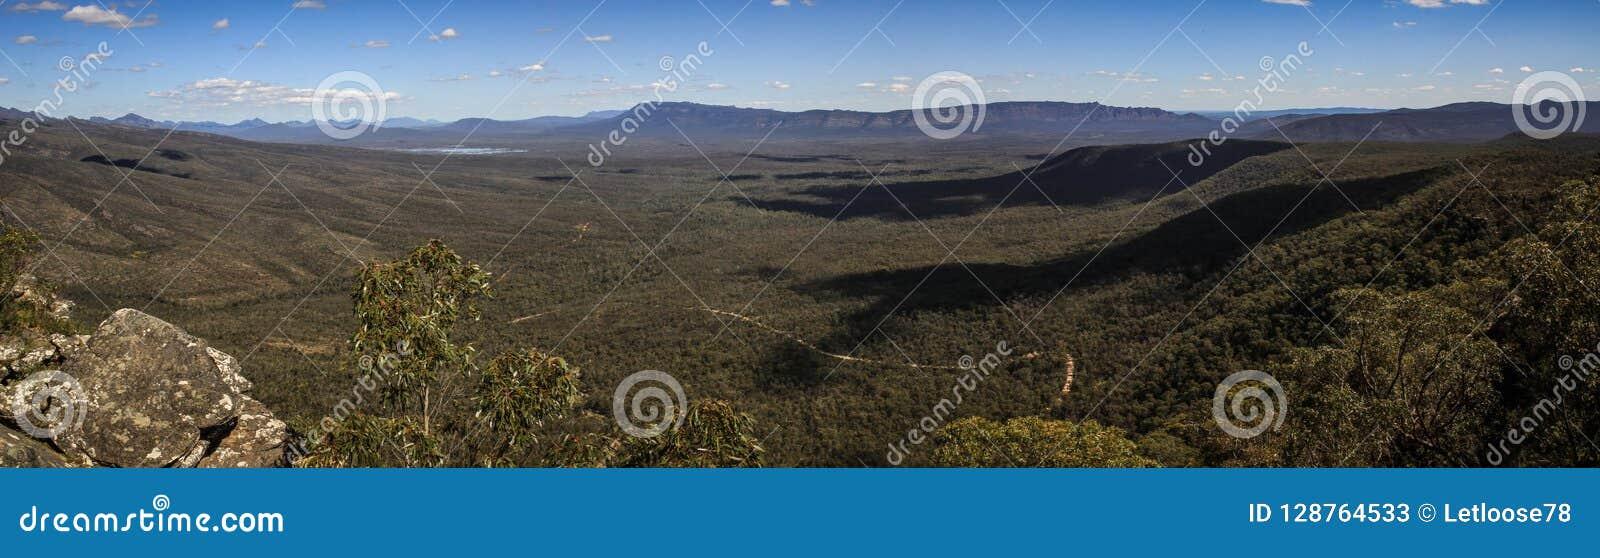 Panoramablick Reids von Ausblick und von den Balkonen, das Grampians, Victoria, Australien,